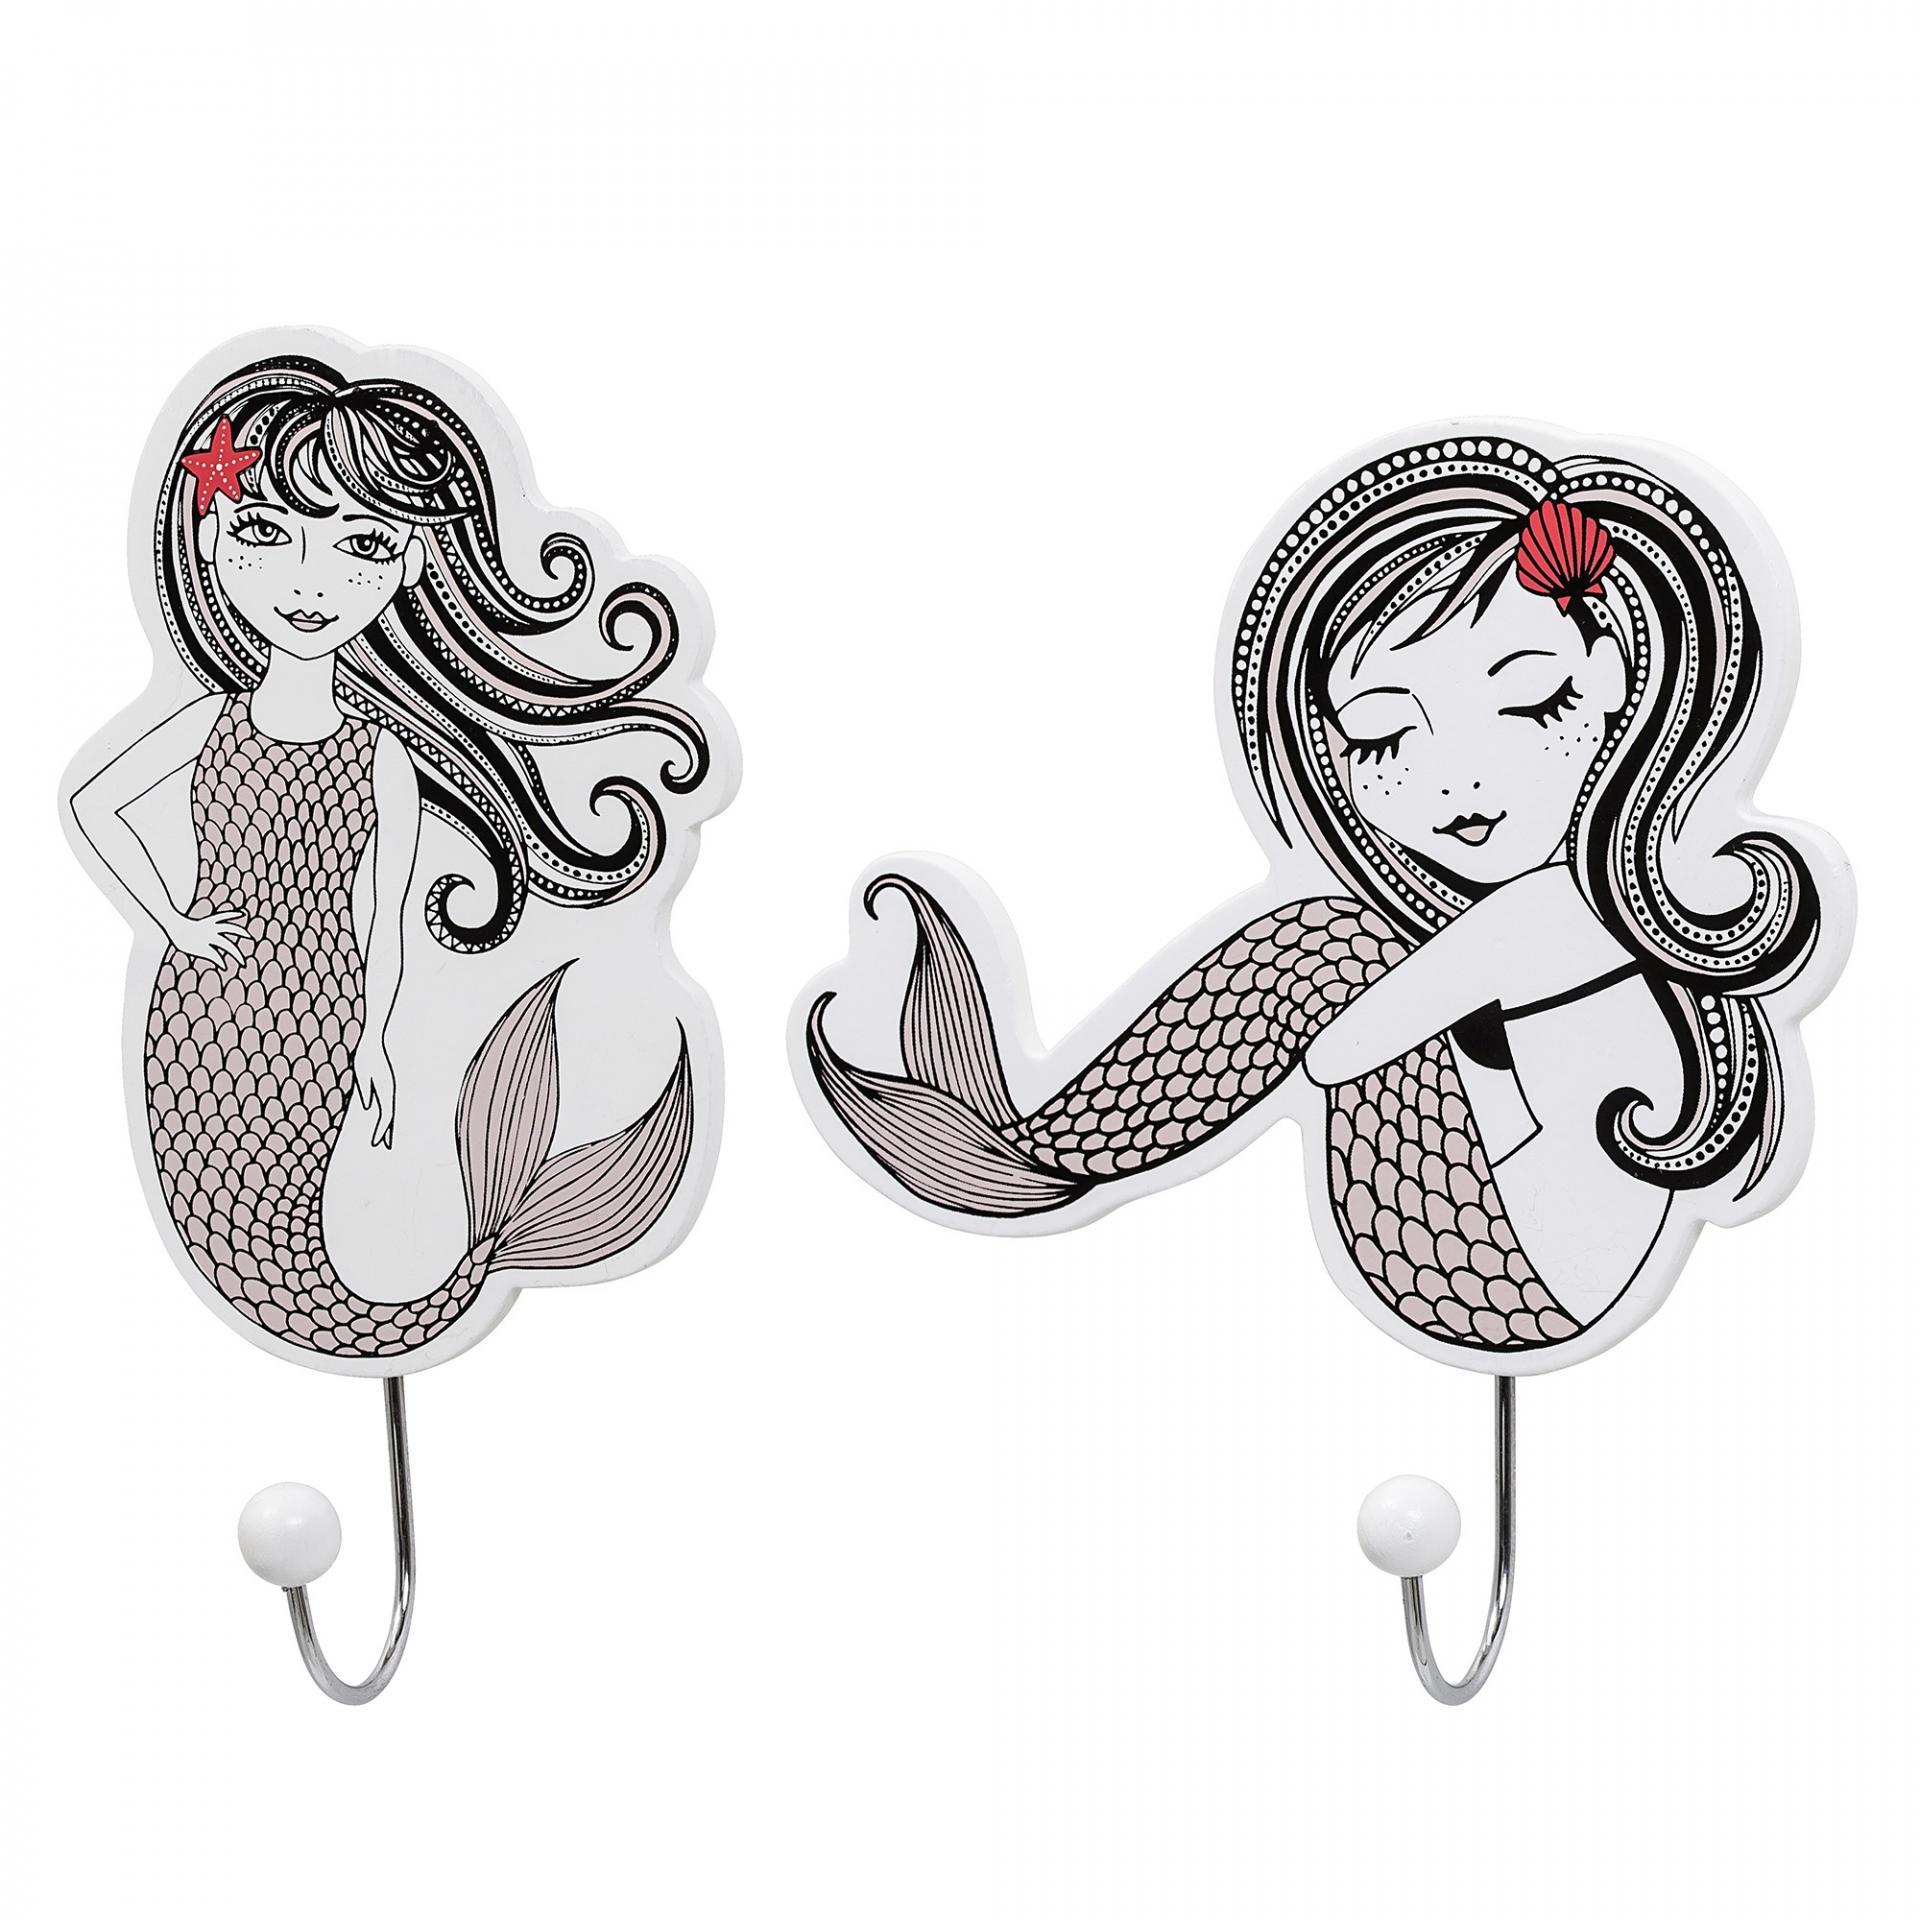 Bloomingville Dětský háček Mermaid Hvězdice ve vlasech